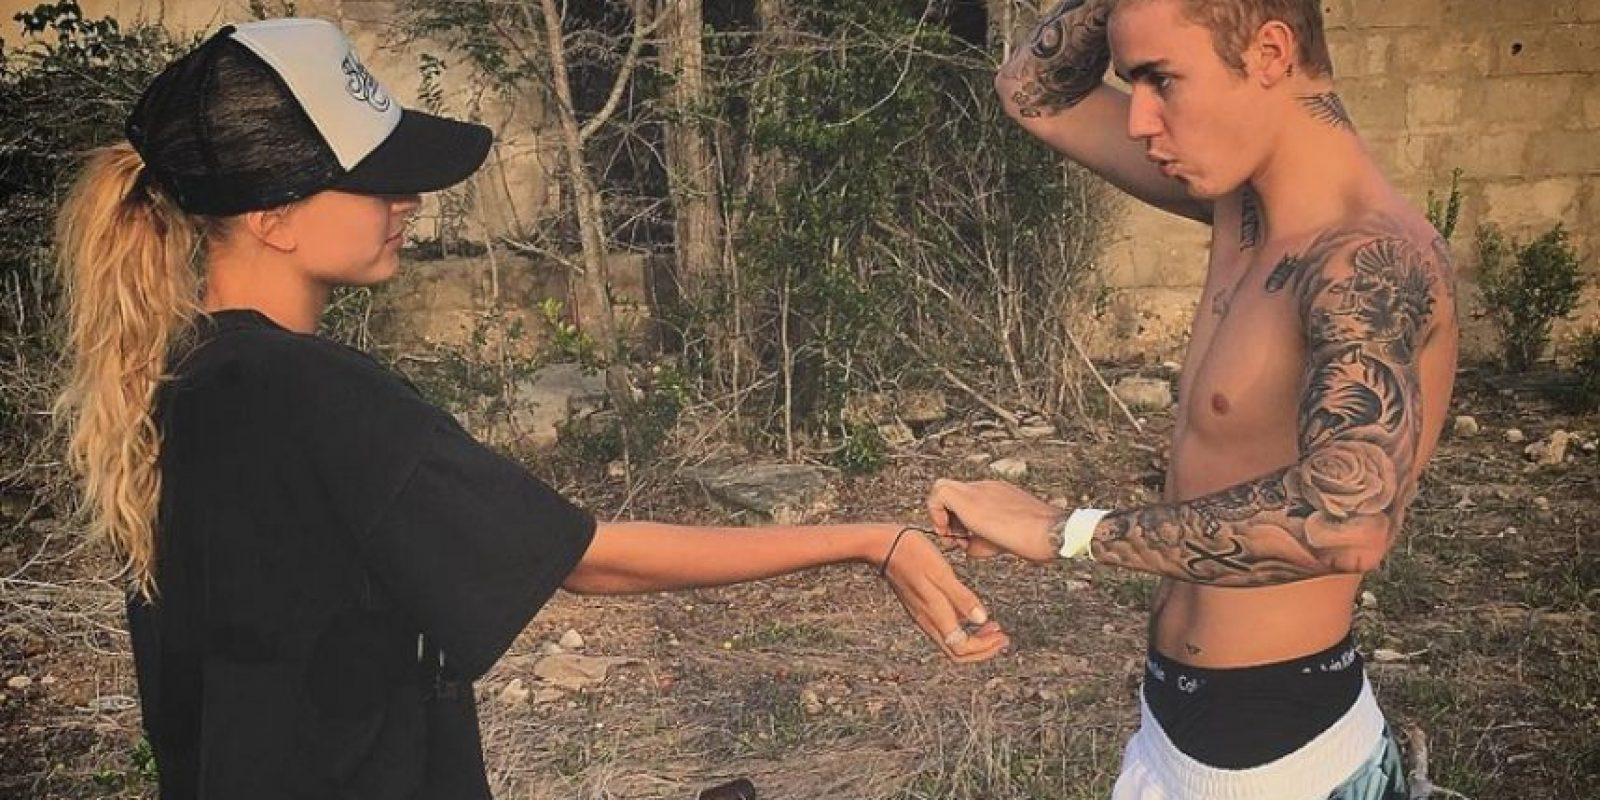 Estas son algunas fotos en compañía de Hailey que compartió Justin Bieber en su cuenta de Instagram Foto:Via Instagram/@JustinBieber